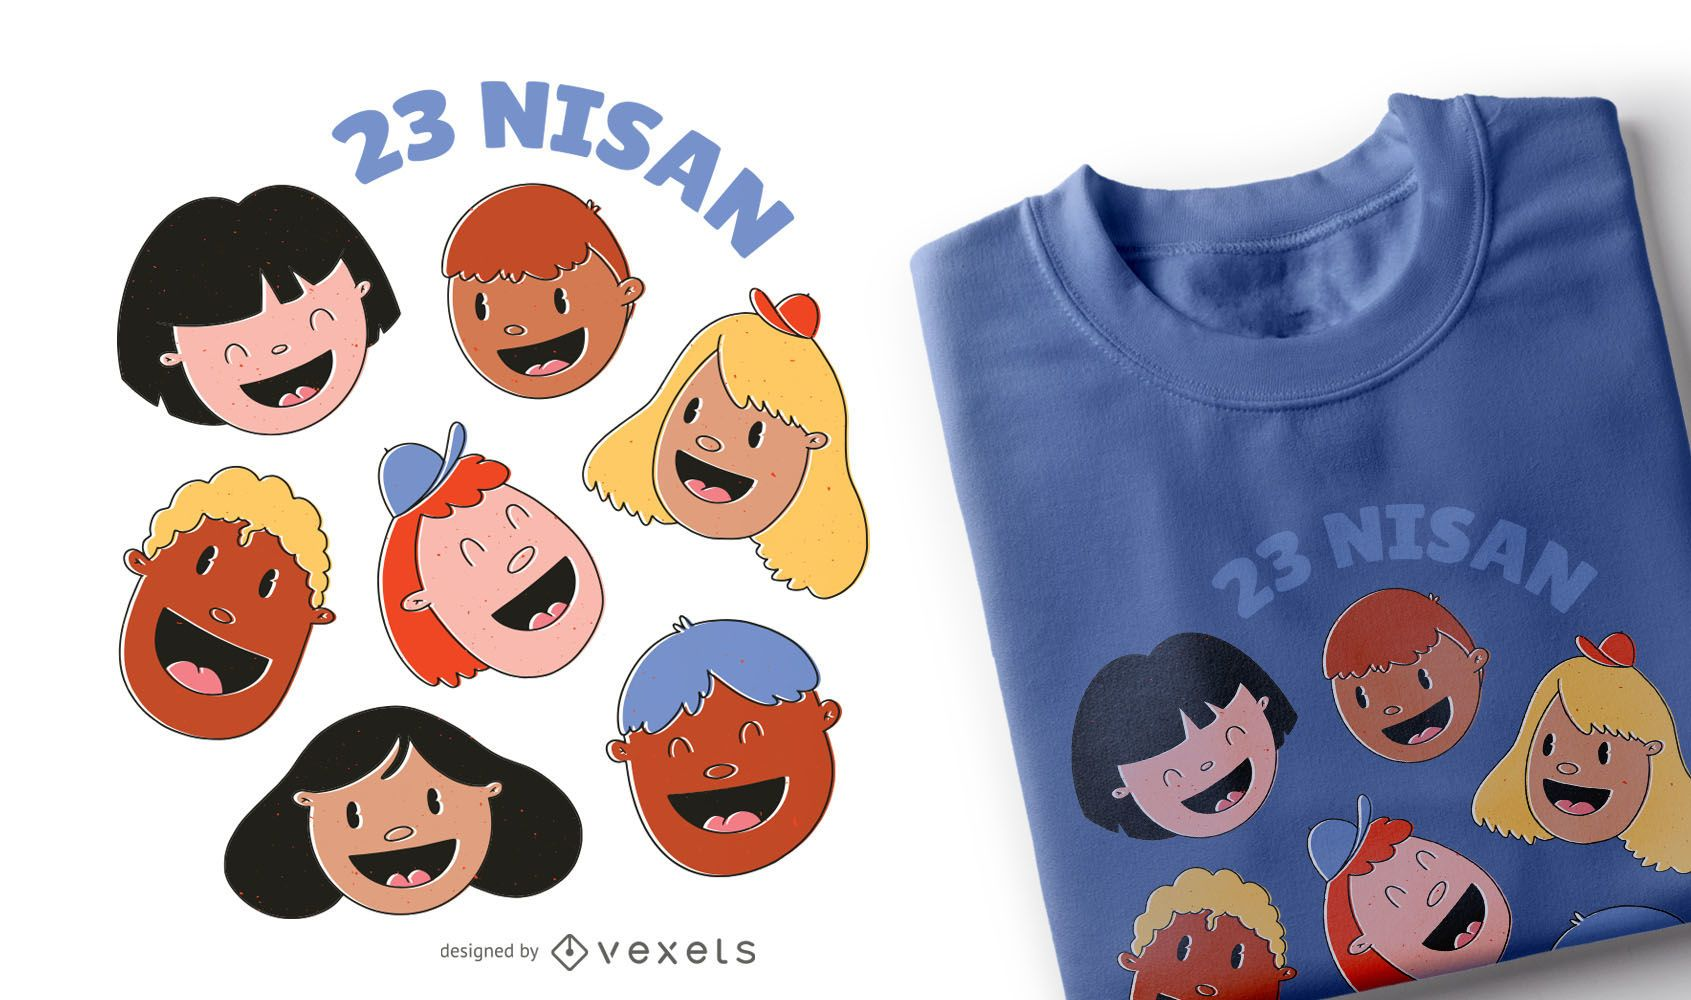 Children's day t-shirt design